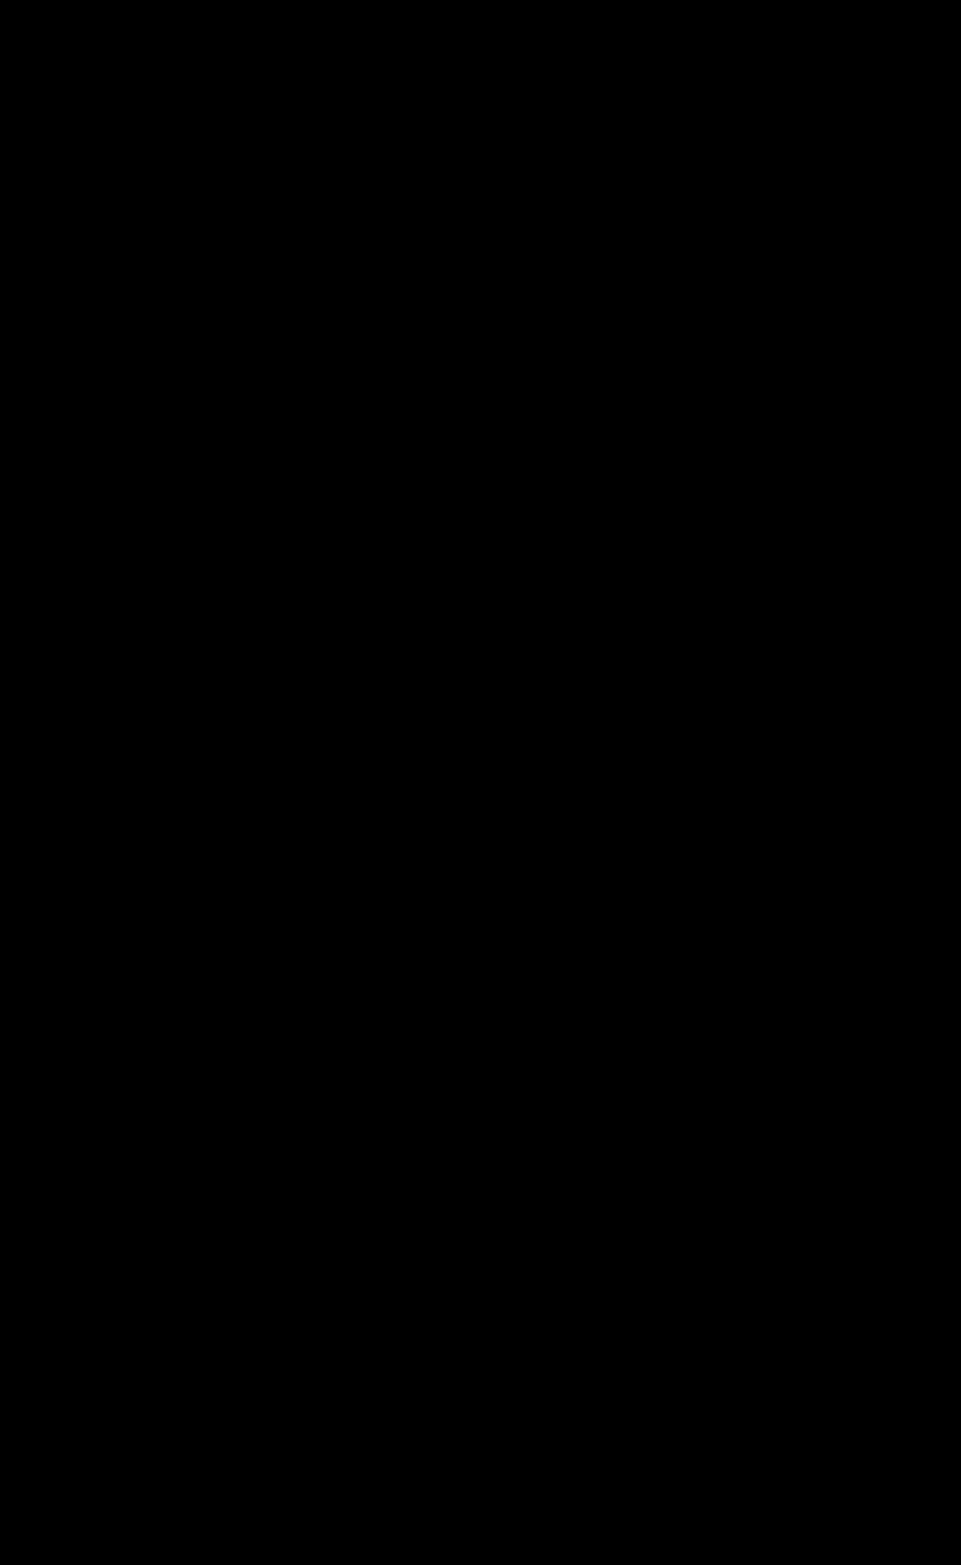 dsc2883